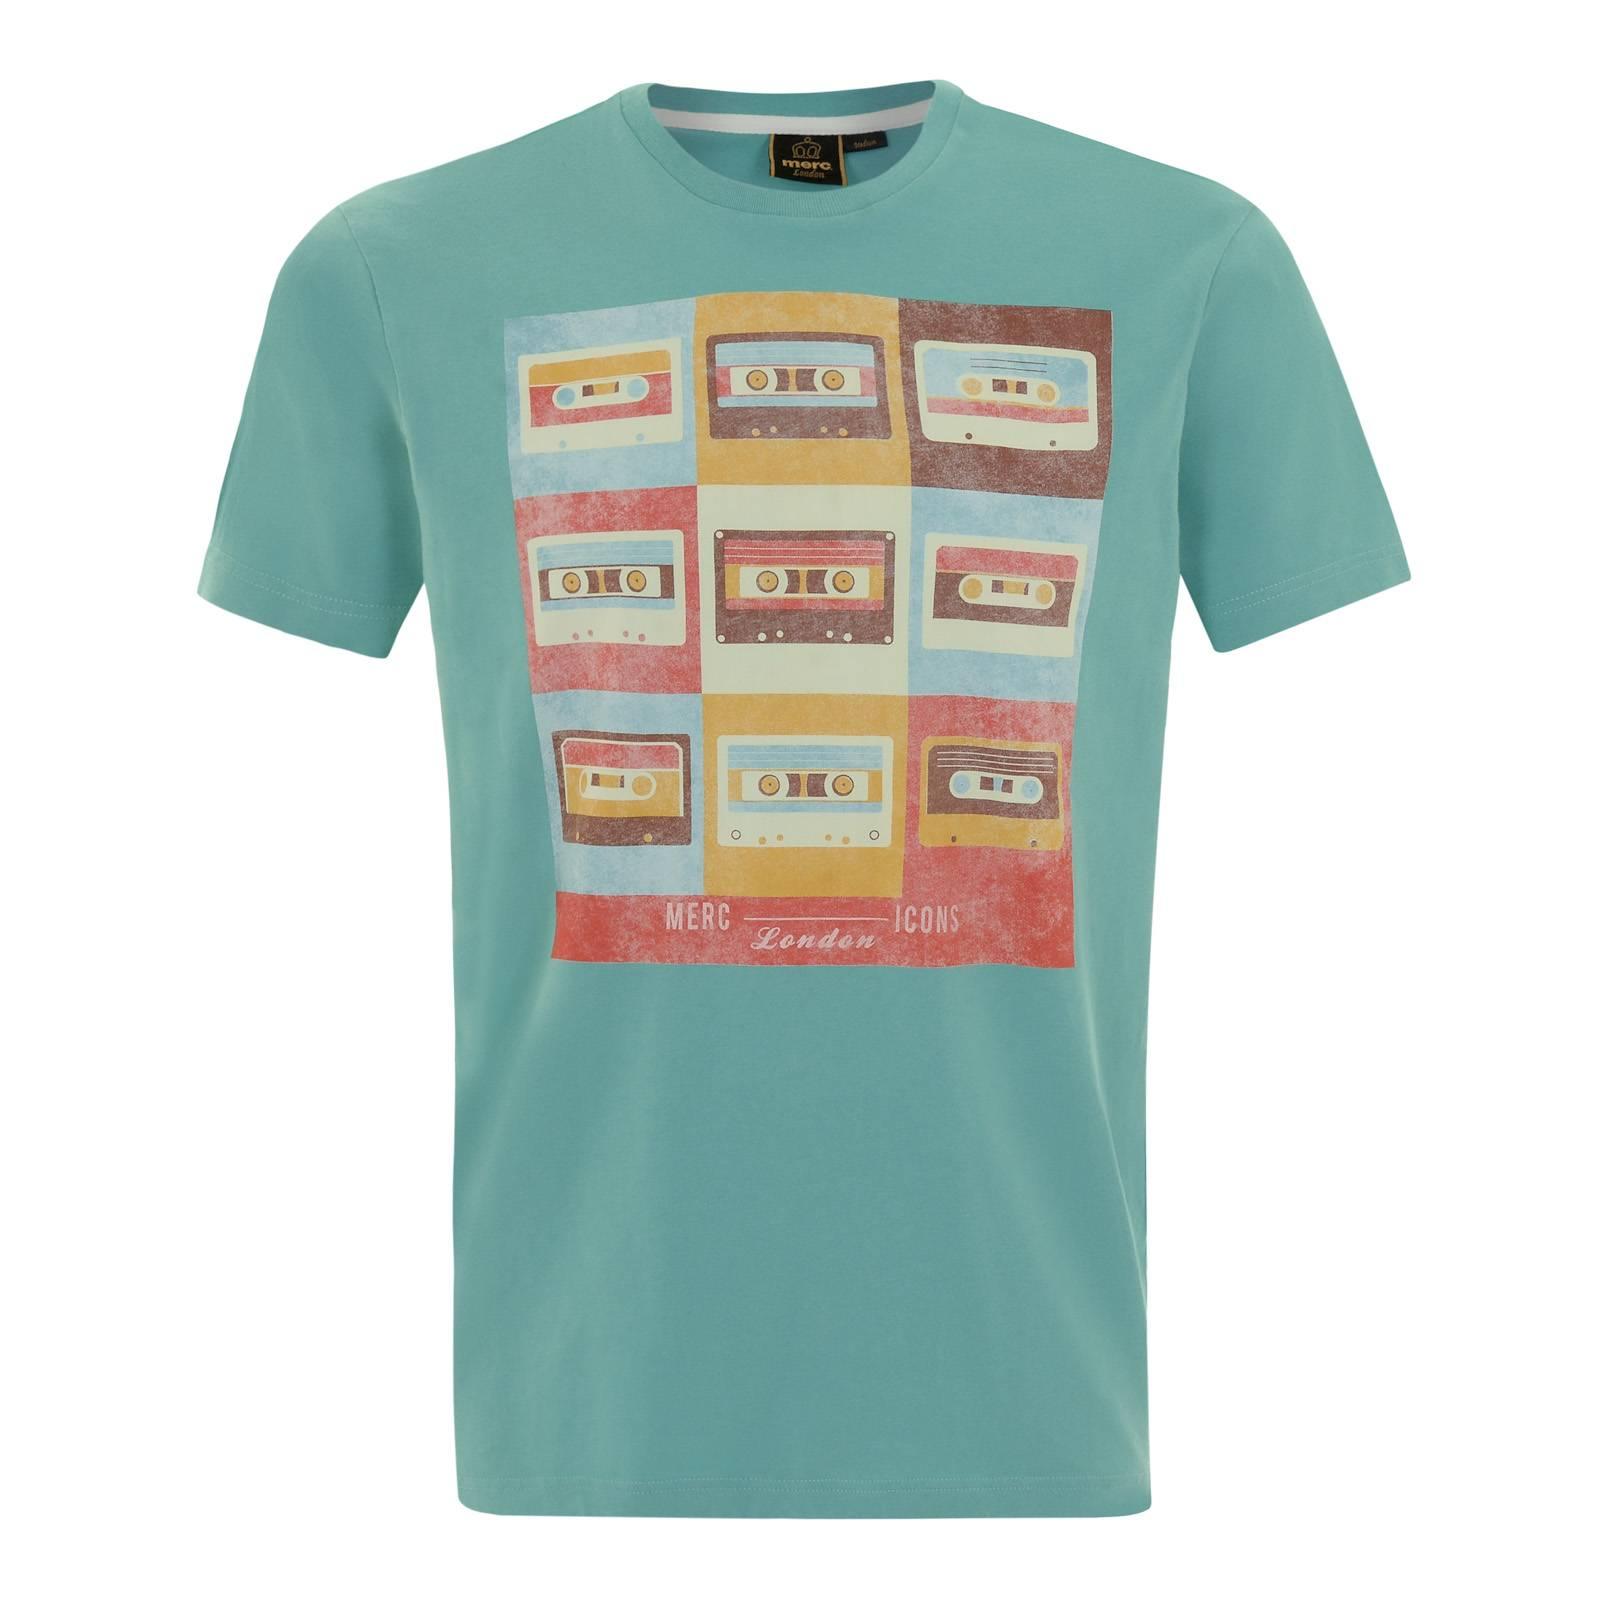 Футболка RevereФутболки<br>Мужская футболка из легкой хлопковой ткани приятного аквамаринового цвета с винтажным разноцветным принтом, воспевающим важнейшее изобретение эпохи Шестидесятых – ленточную компакт-кассету, совершившую революцию в мировой музыкальной культуре. Эта поистине летняя футболка продолжает славную традицию концептуальных t-shirts, символизирующих историческую связь Merc c музыкальными жанрами и направлениями 60-х.<br><br>Артикул: 1715104<br>Материал: 100% хлопок<br>Цвет: аквамариновый<br>Пол: Мужской